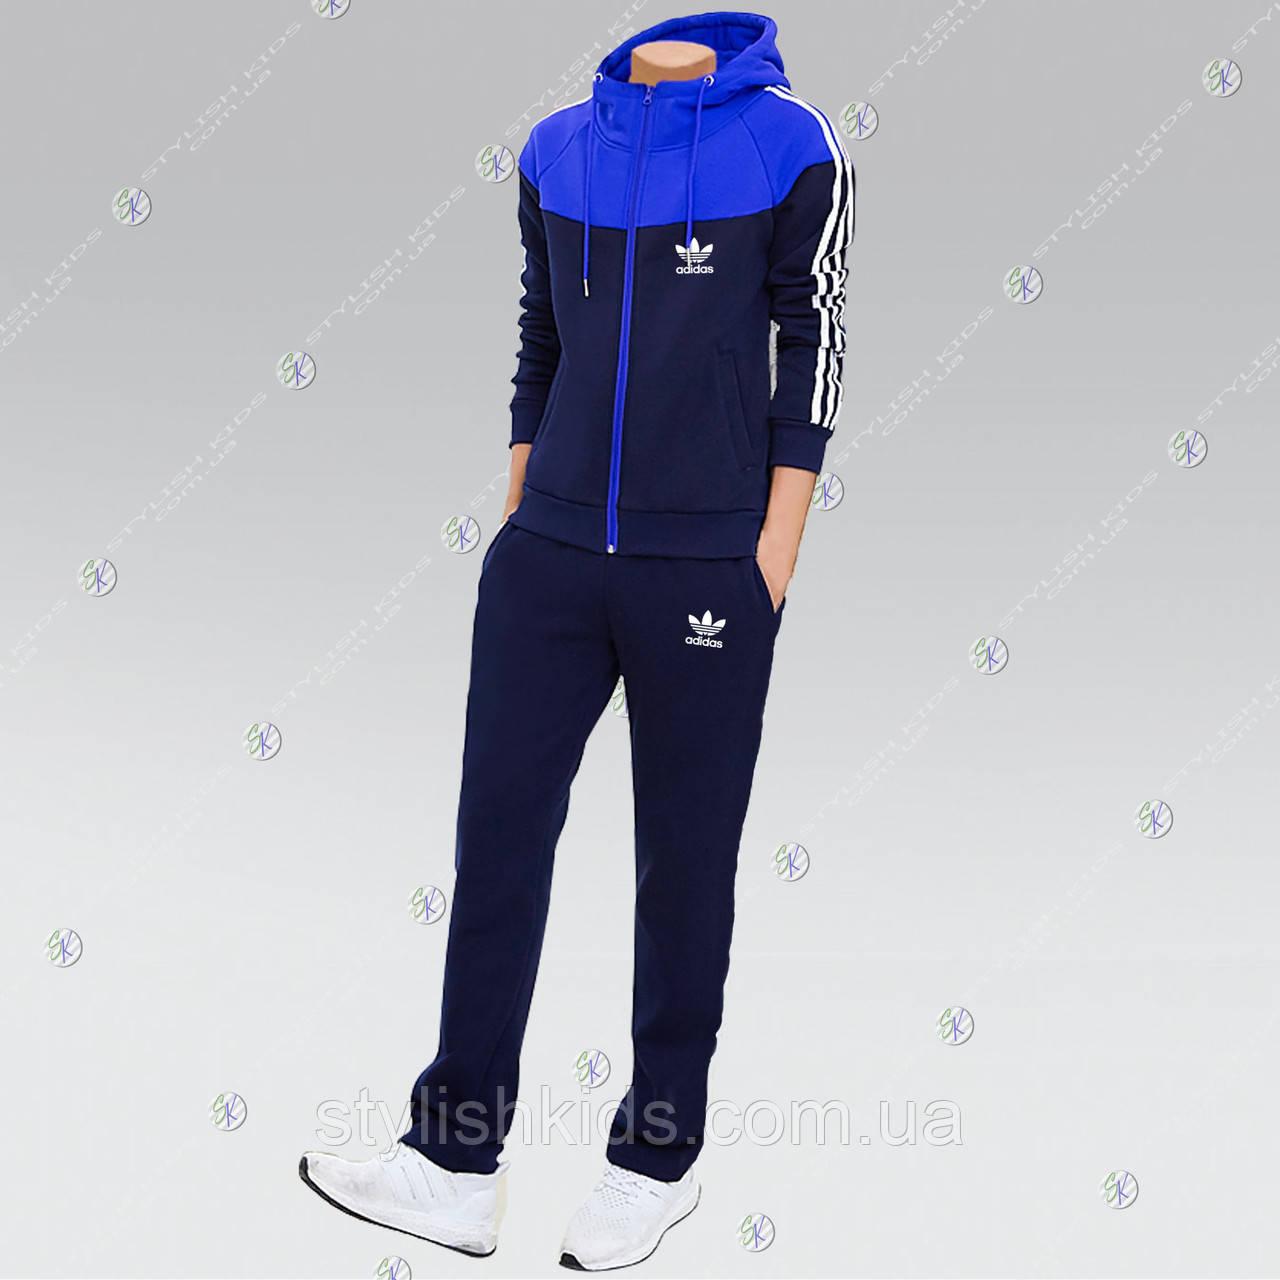 3a3e6cca07c57e Купить спортивный костюм для подростка.Спортивный костюм для подростка в интернет  магазине.